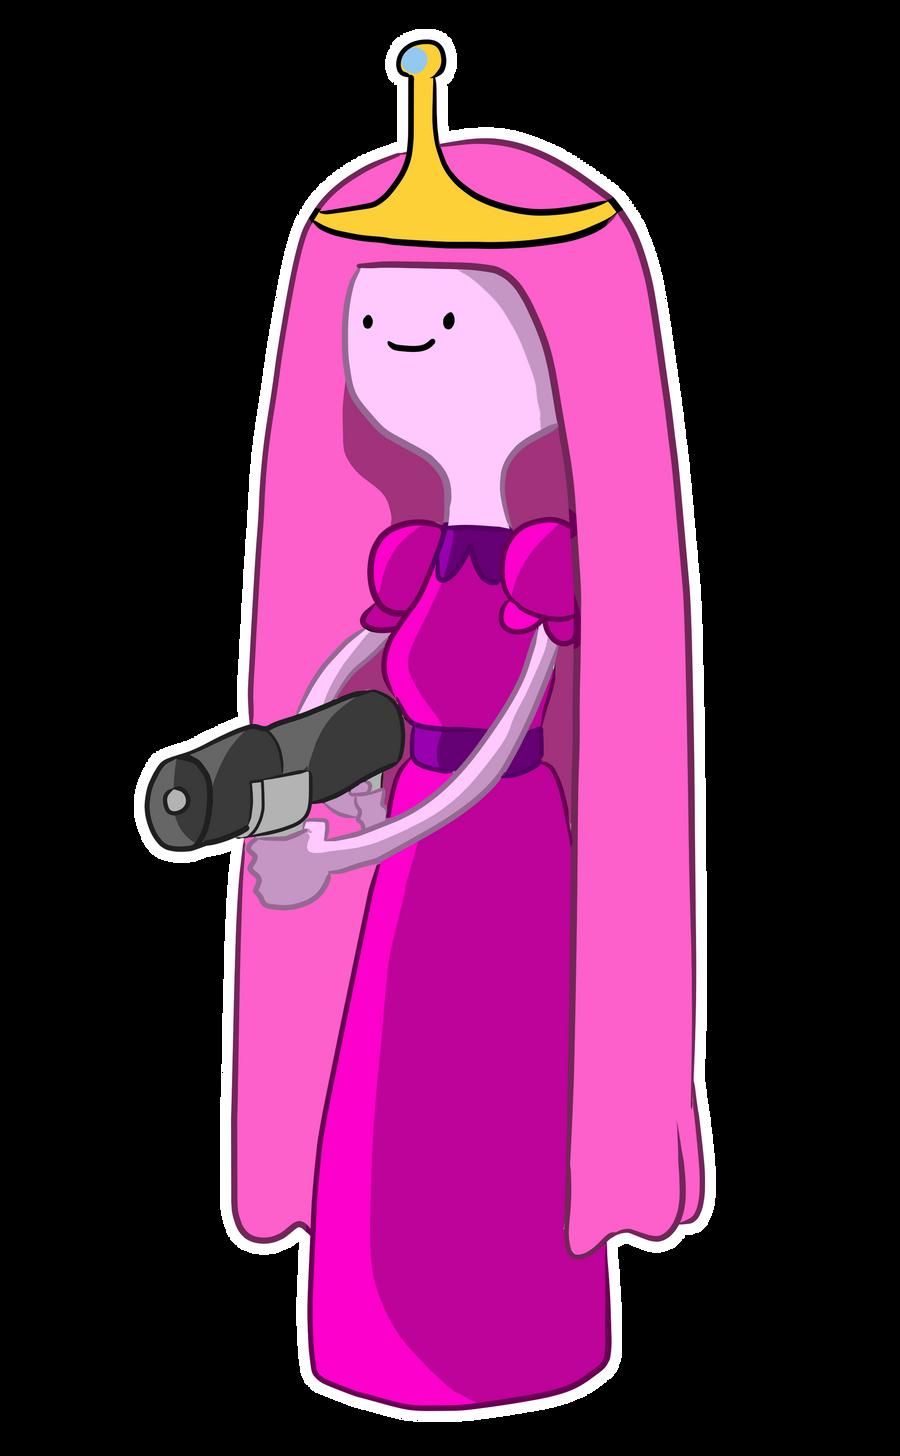 Princess Bubblegum by snack20 on DeviantArt